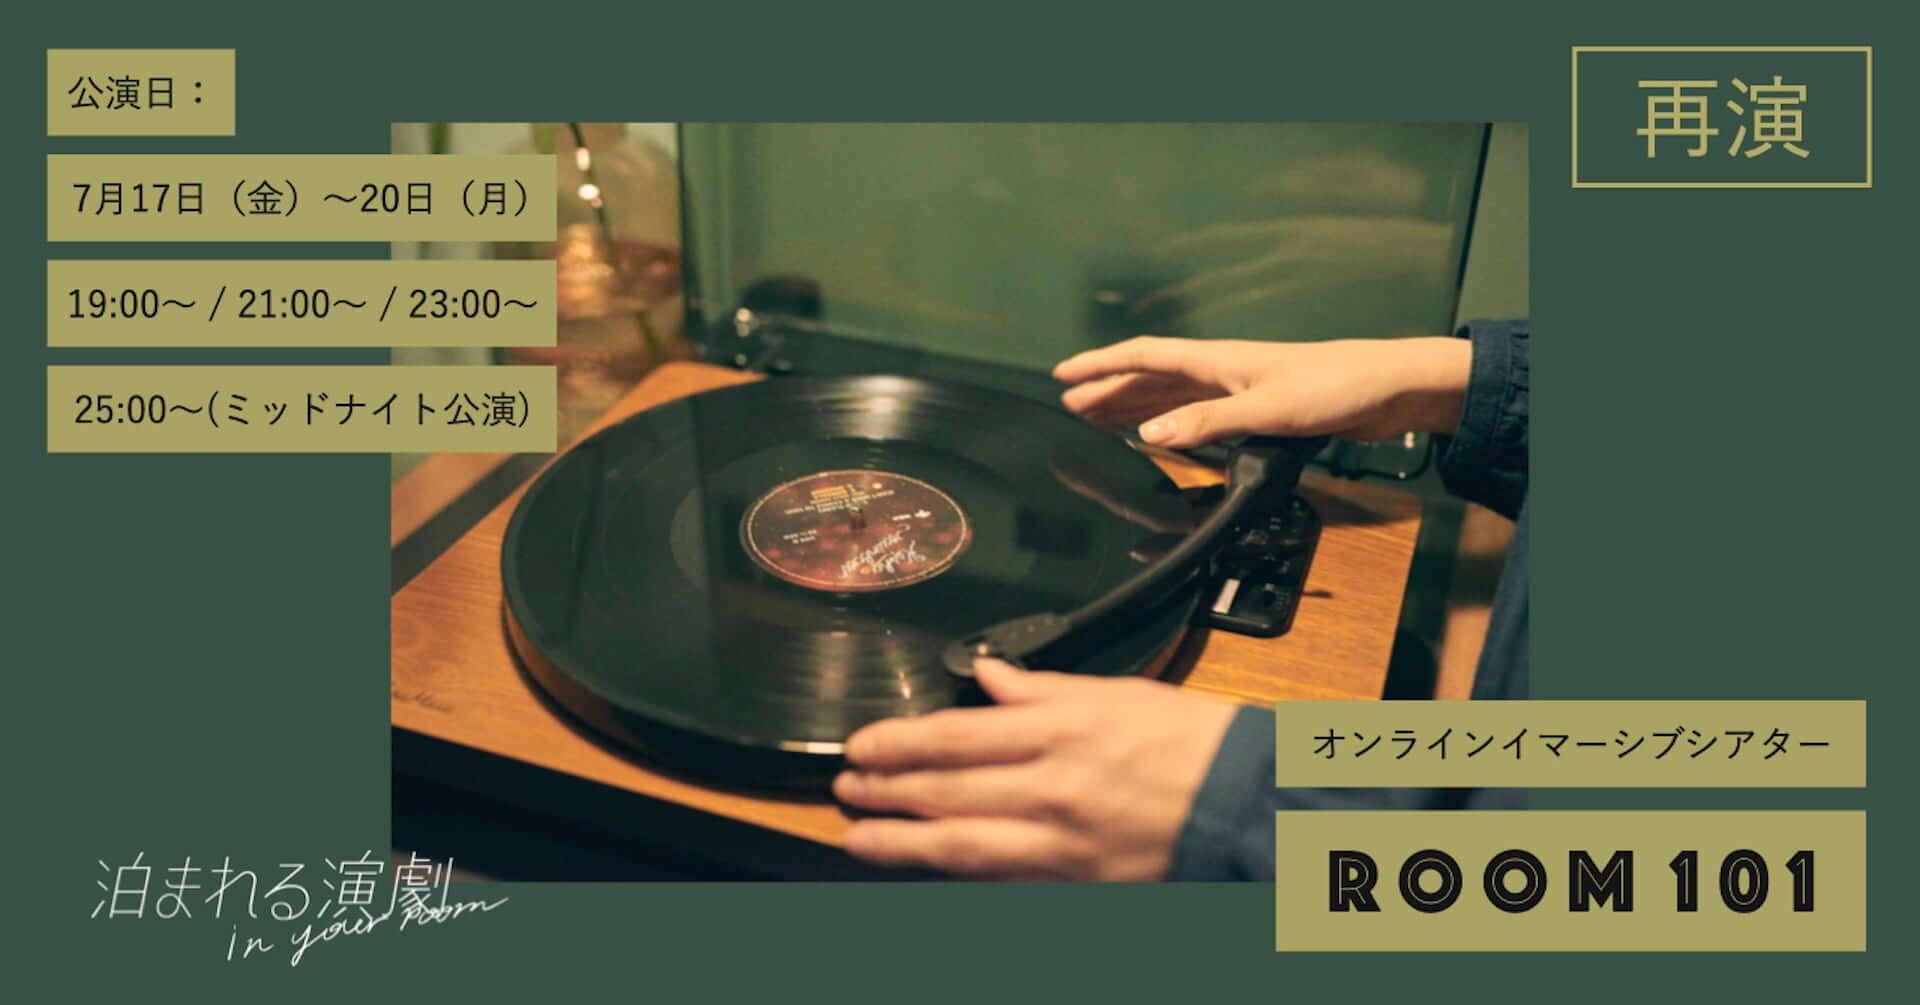 京都の「HOTEL SHE, KYOTO」による参加型サスペンス劇<泊まれる演劇>の初演作が再演決定|夜のホテルを舞台に彷徨う art200601_tomareru_engeki_1-1920x1005